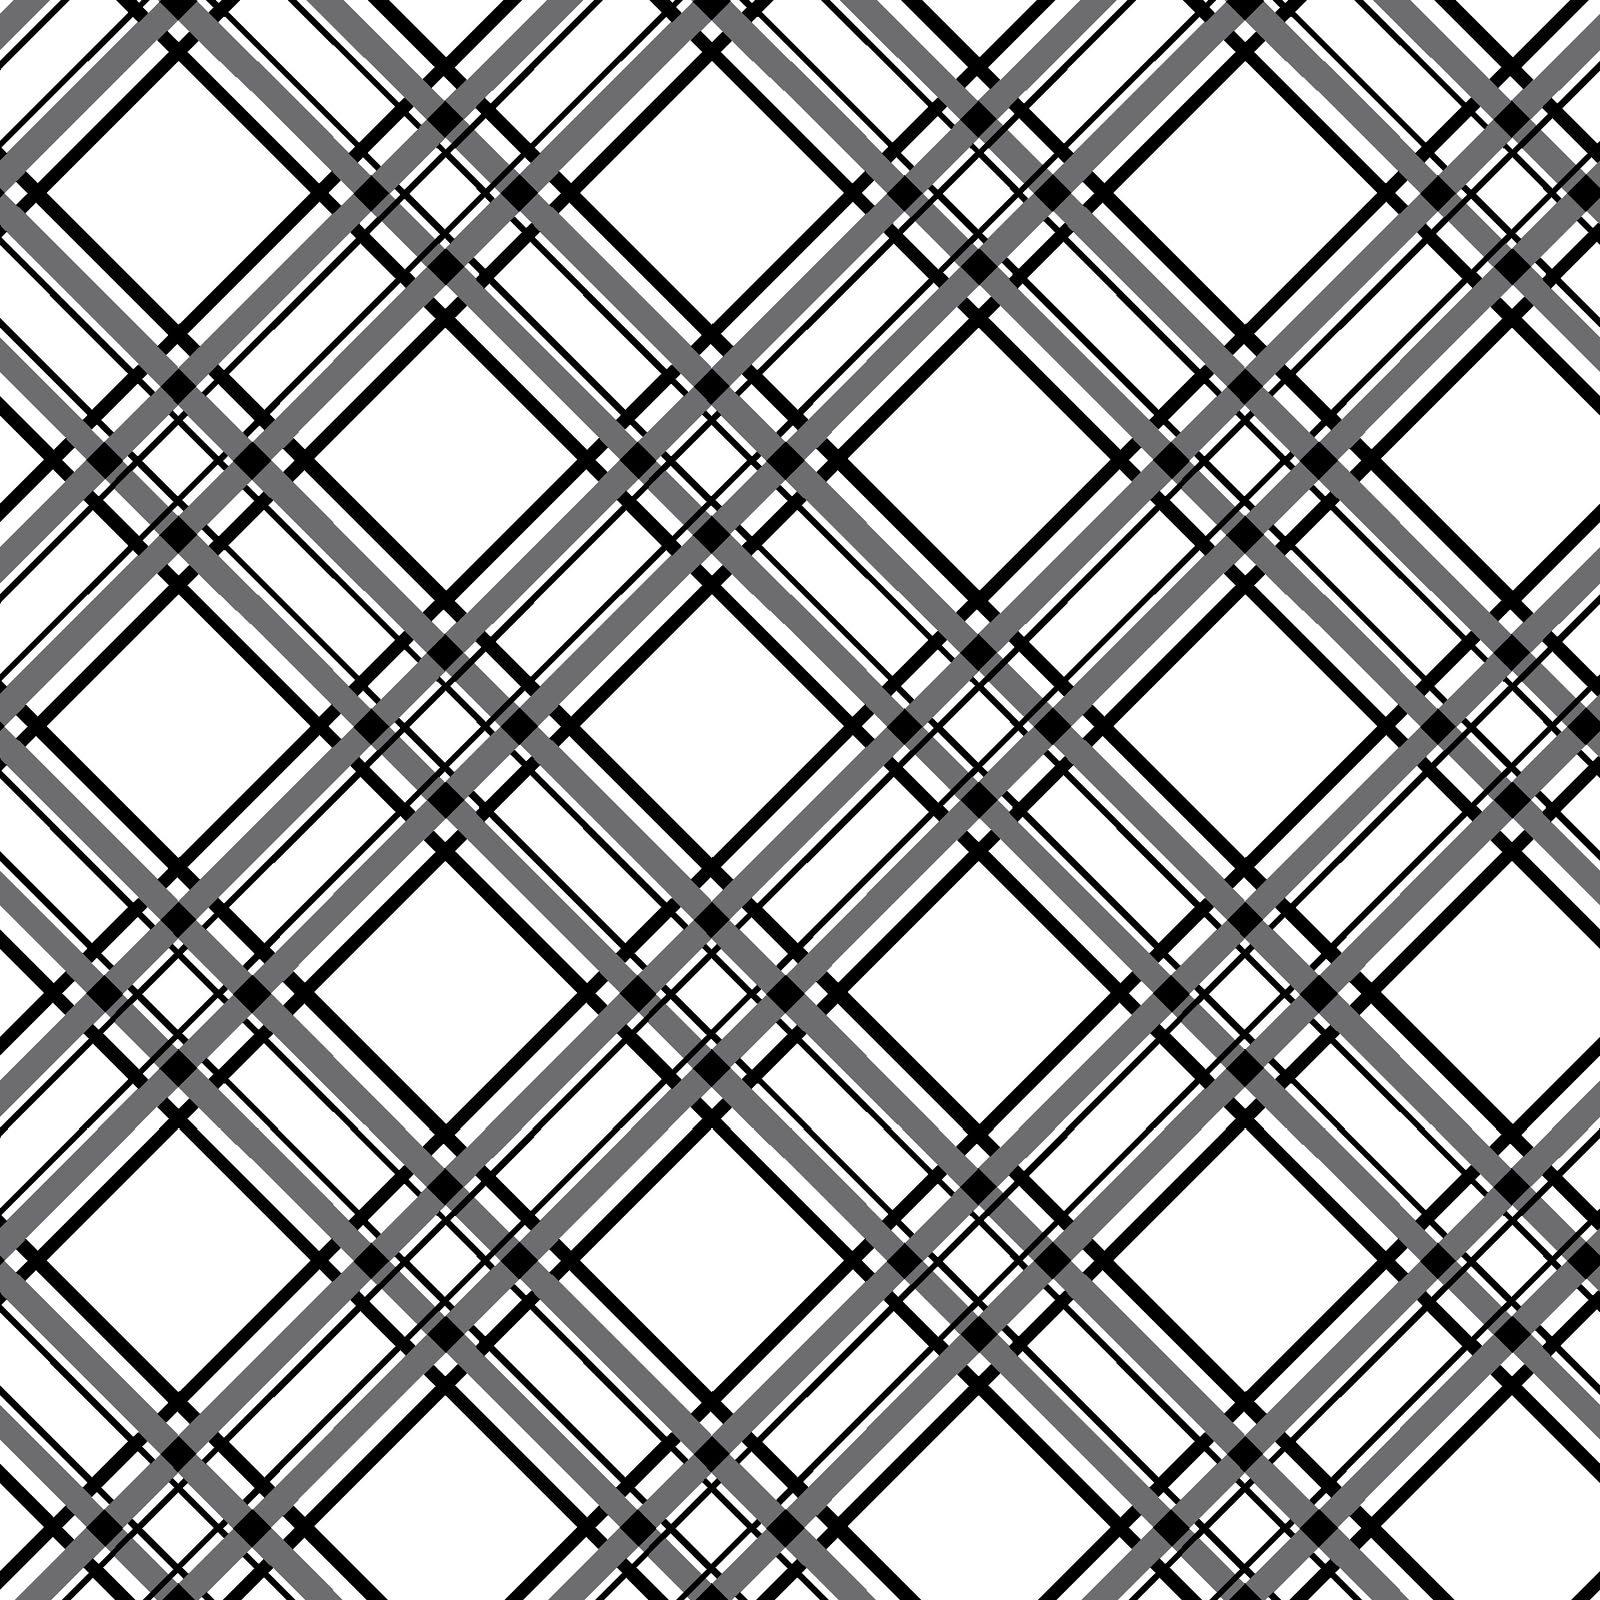 KimberBell Basics Black Diagonal Plaid 8244M-J